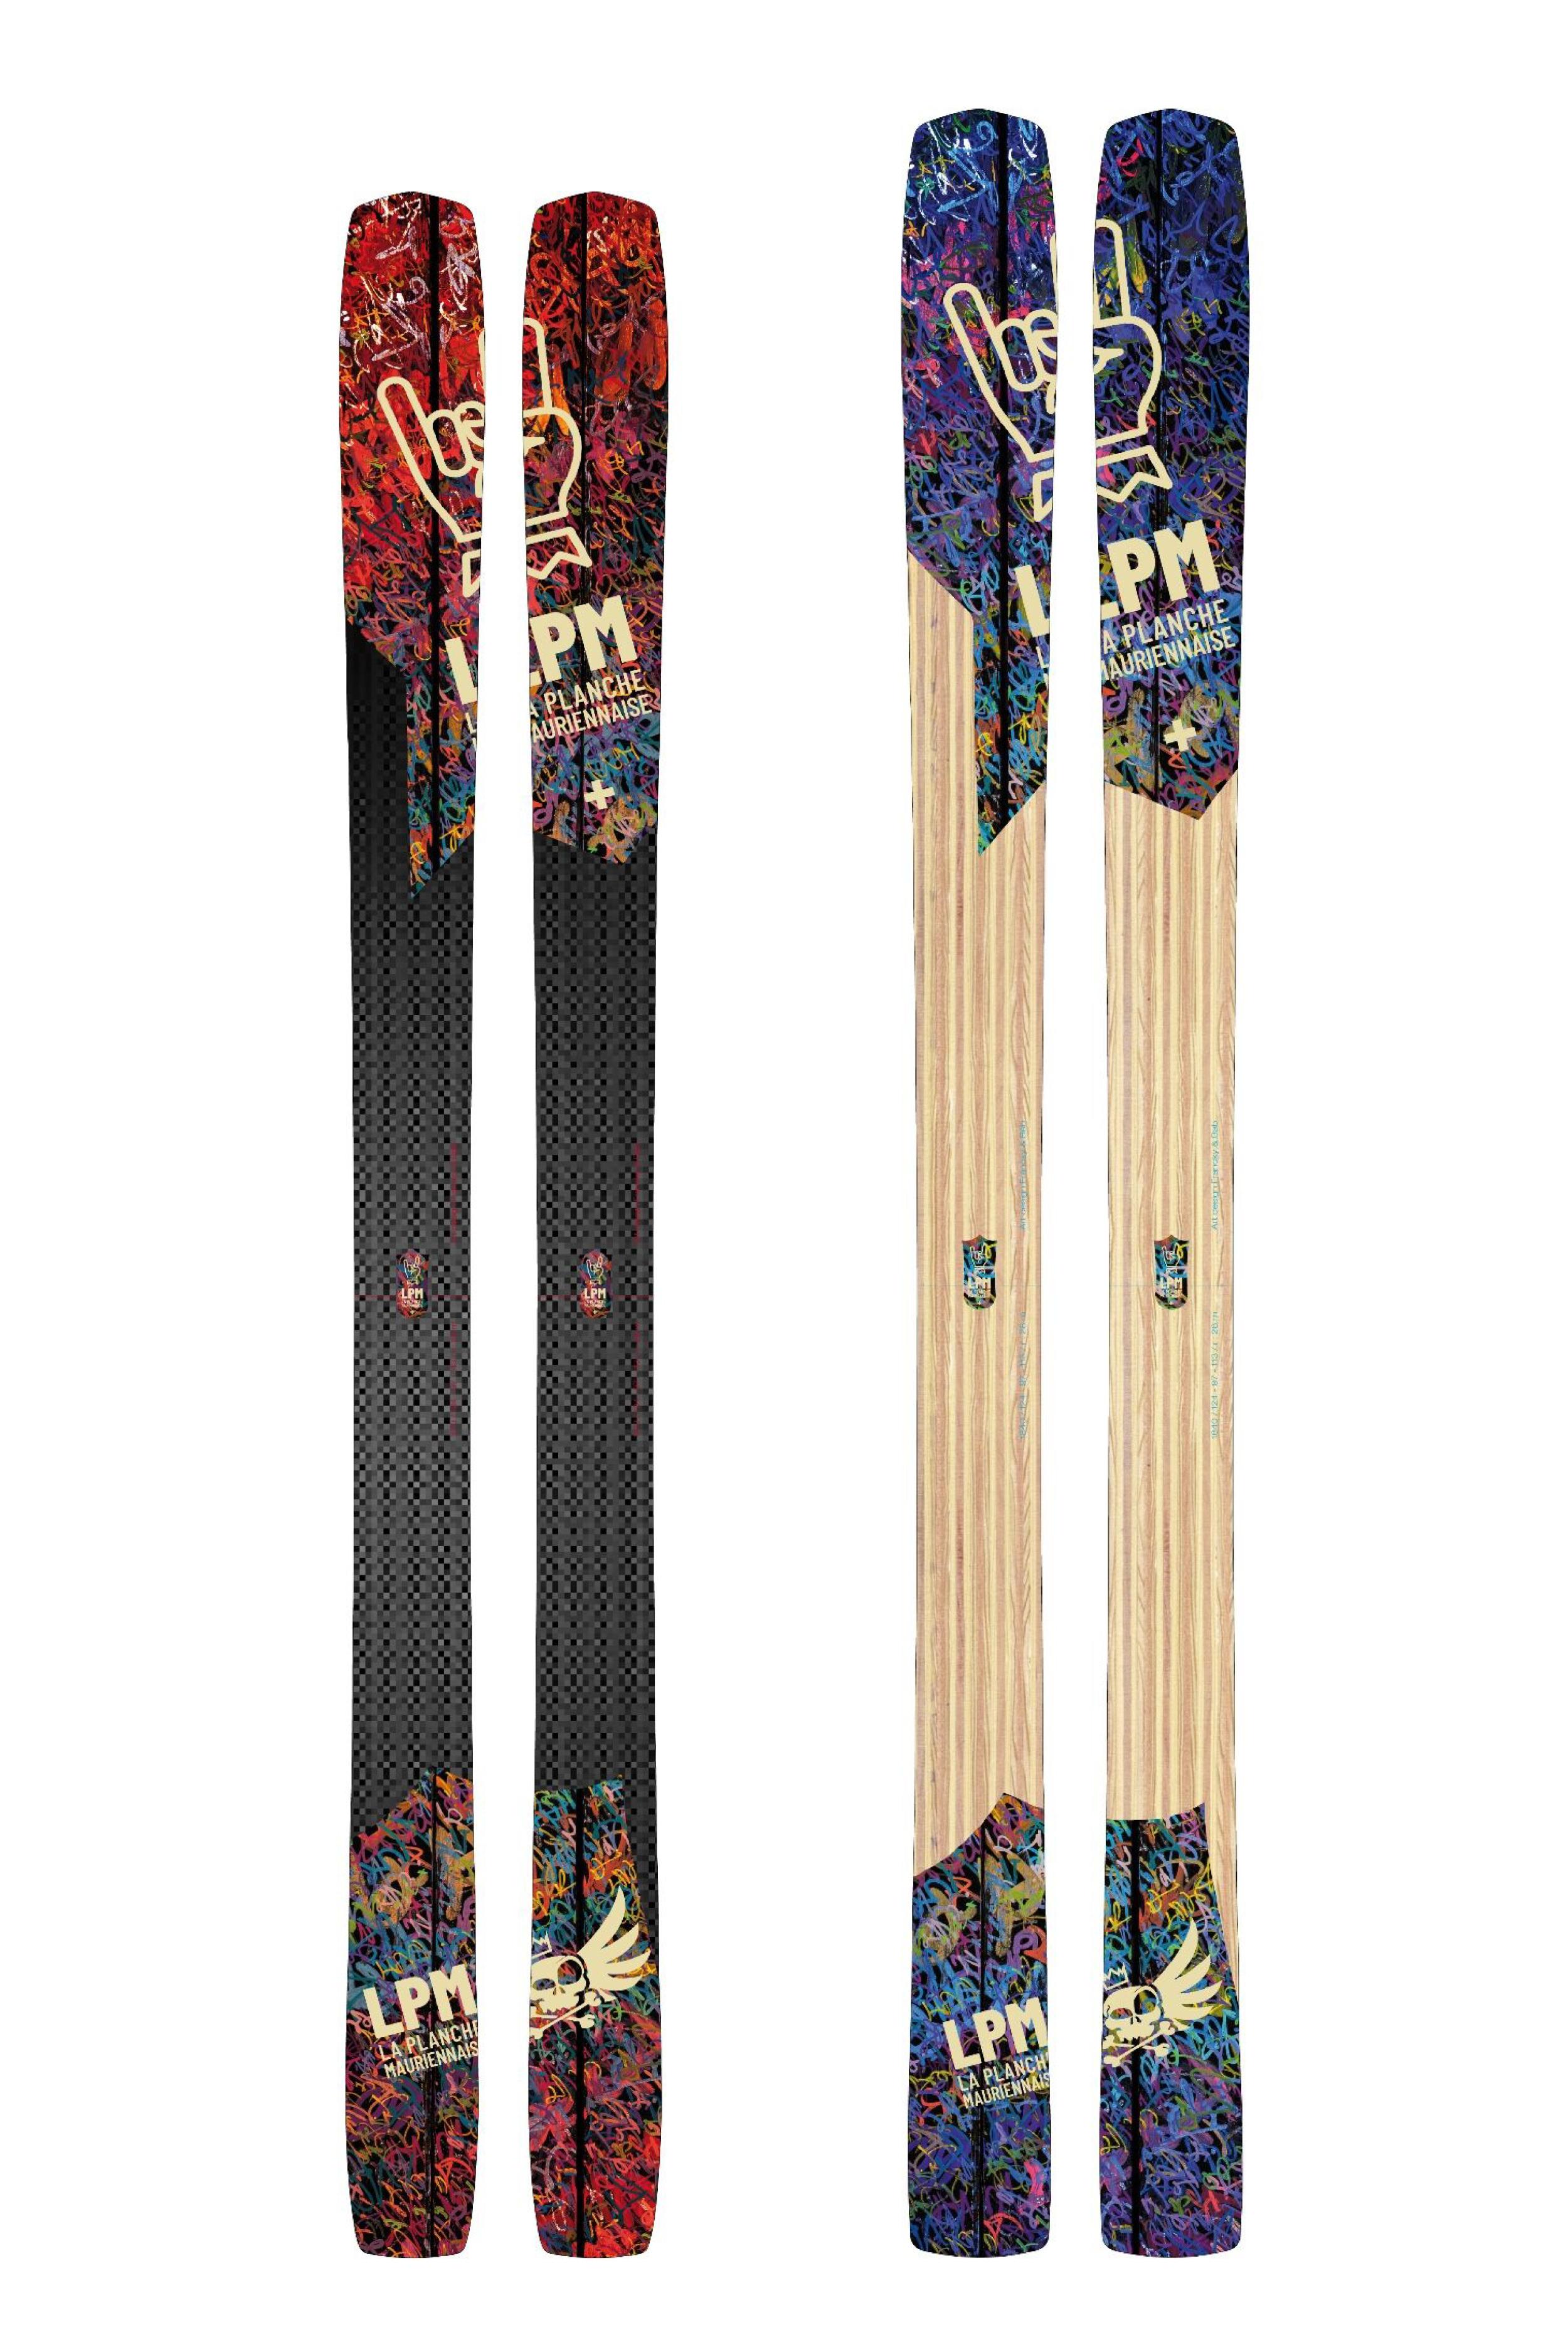 Design 97 LPM La Planche Mauriennaise fabrications artisanale skis Maurienne Savoie Albiez France ski